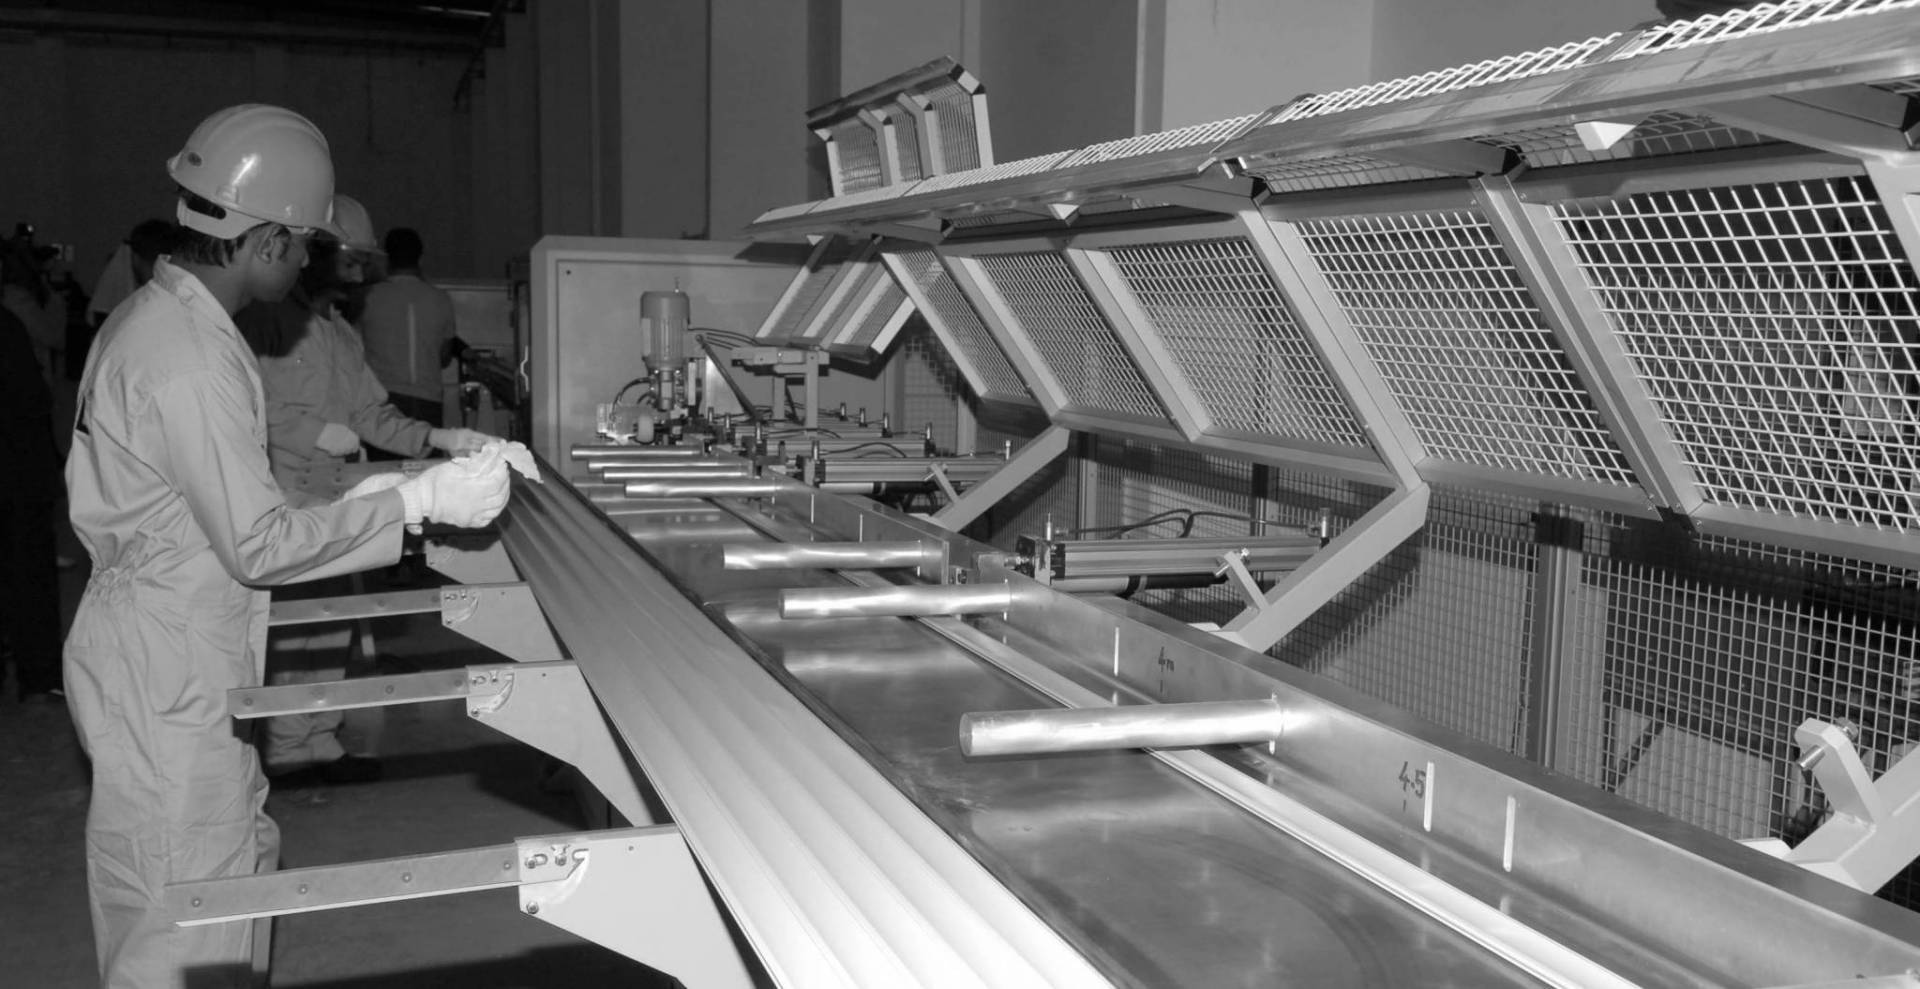 مصنع ألومنيوم.. أرشيفية